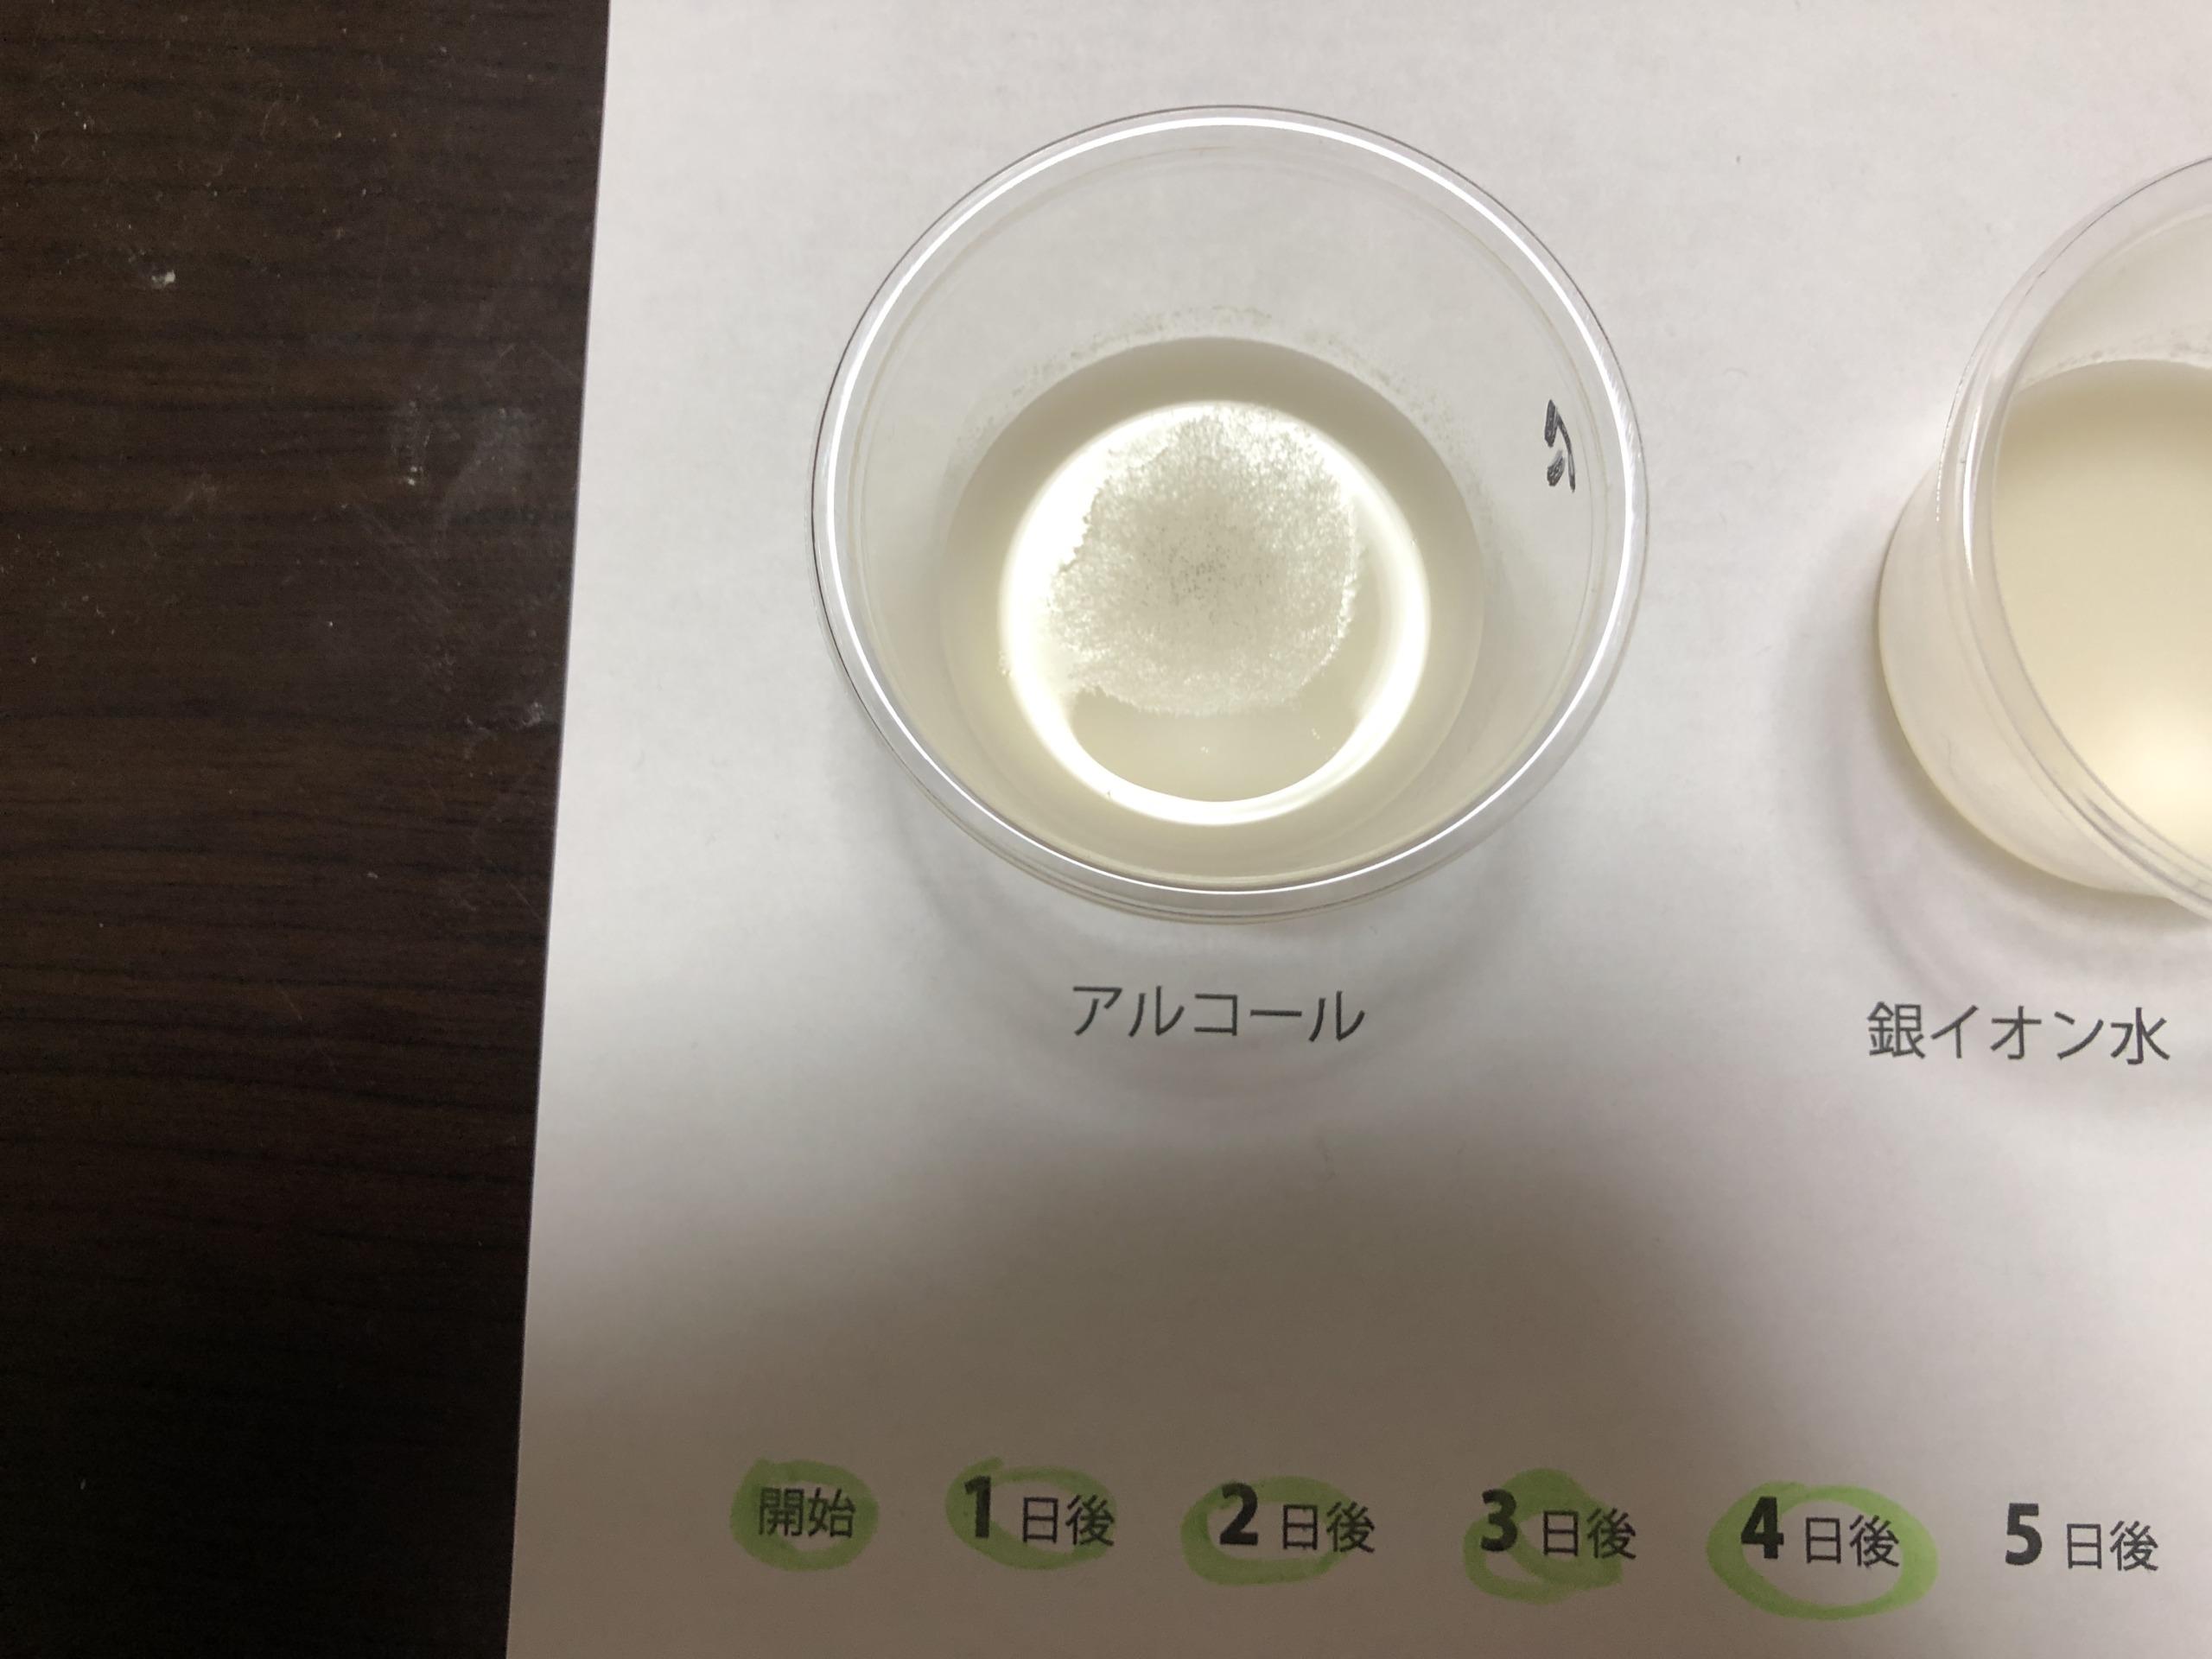 抗菌テスト4日後のアルコール